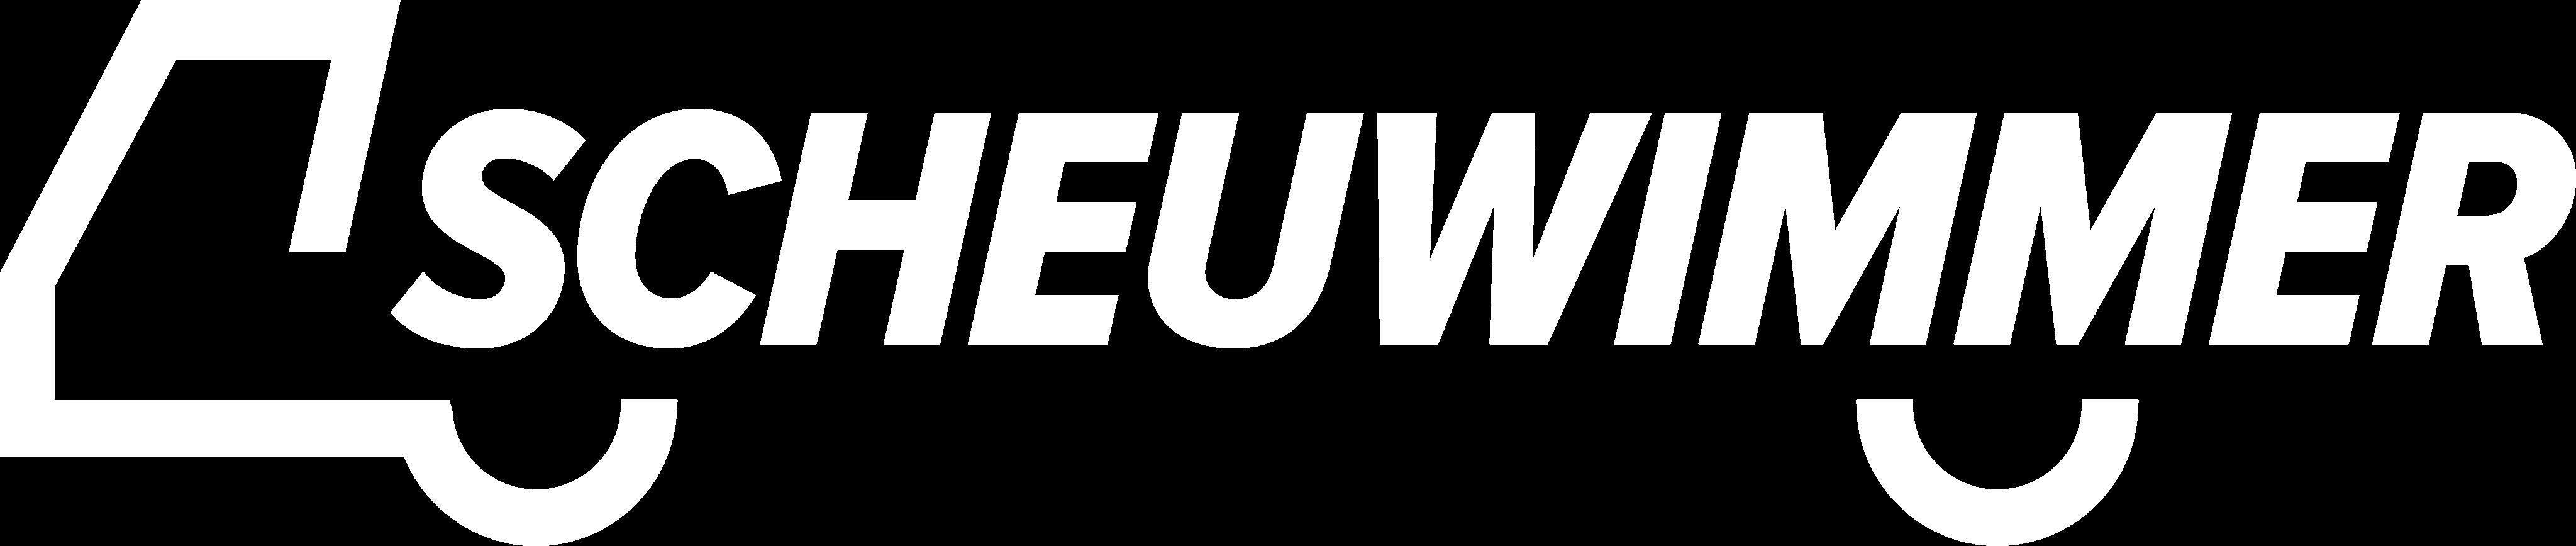 SCHEUWIMMER